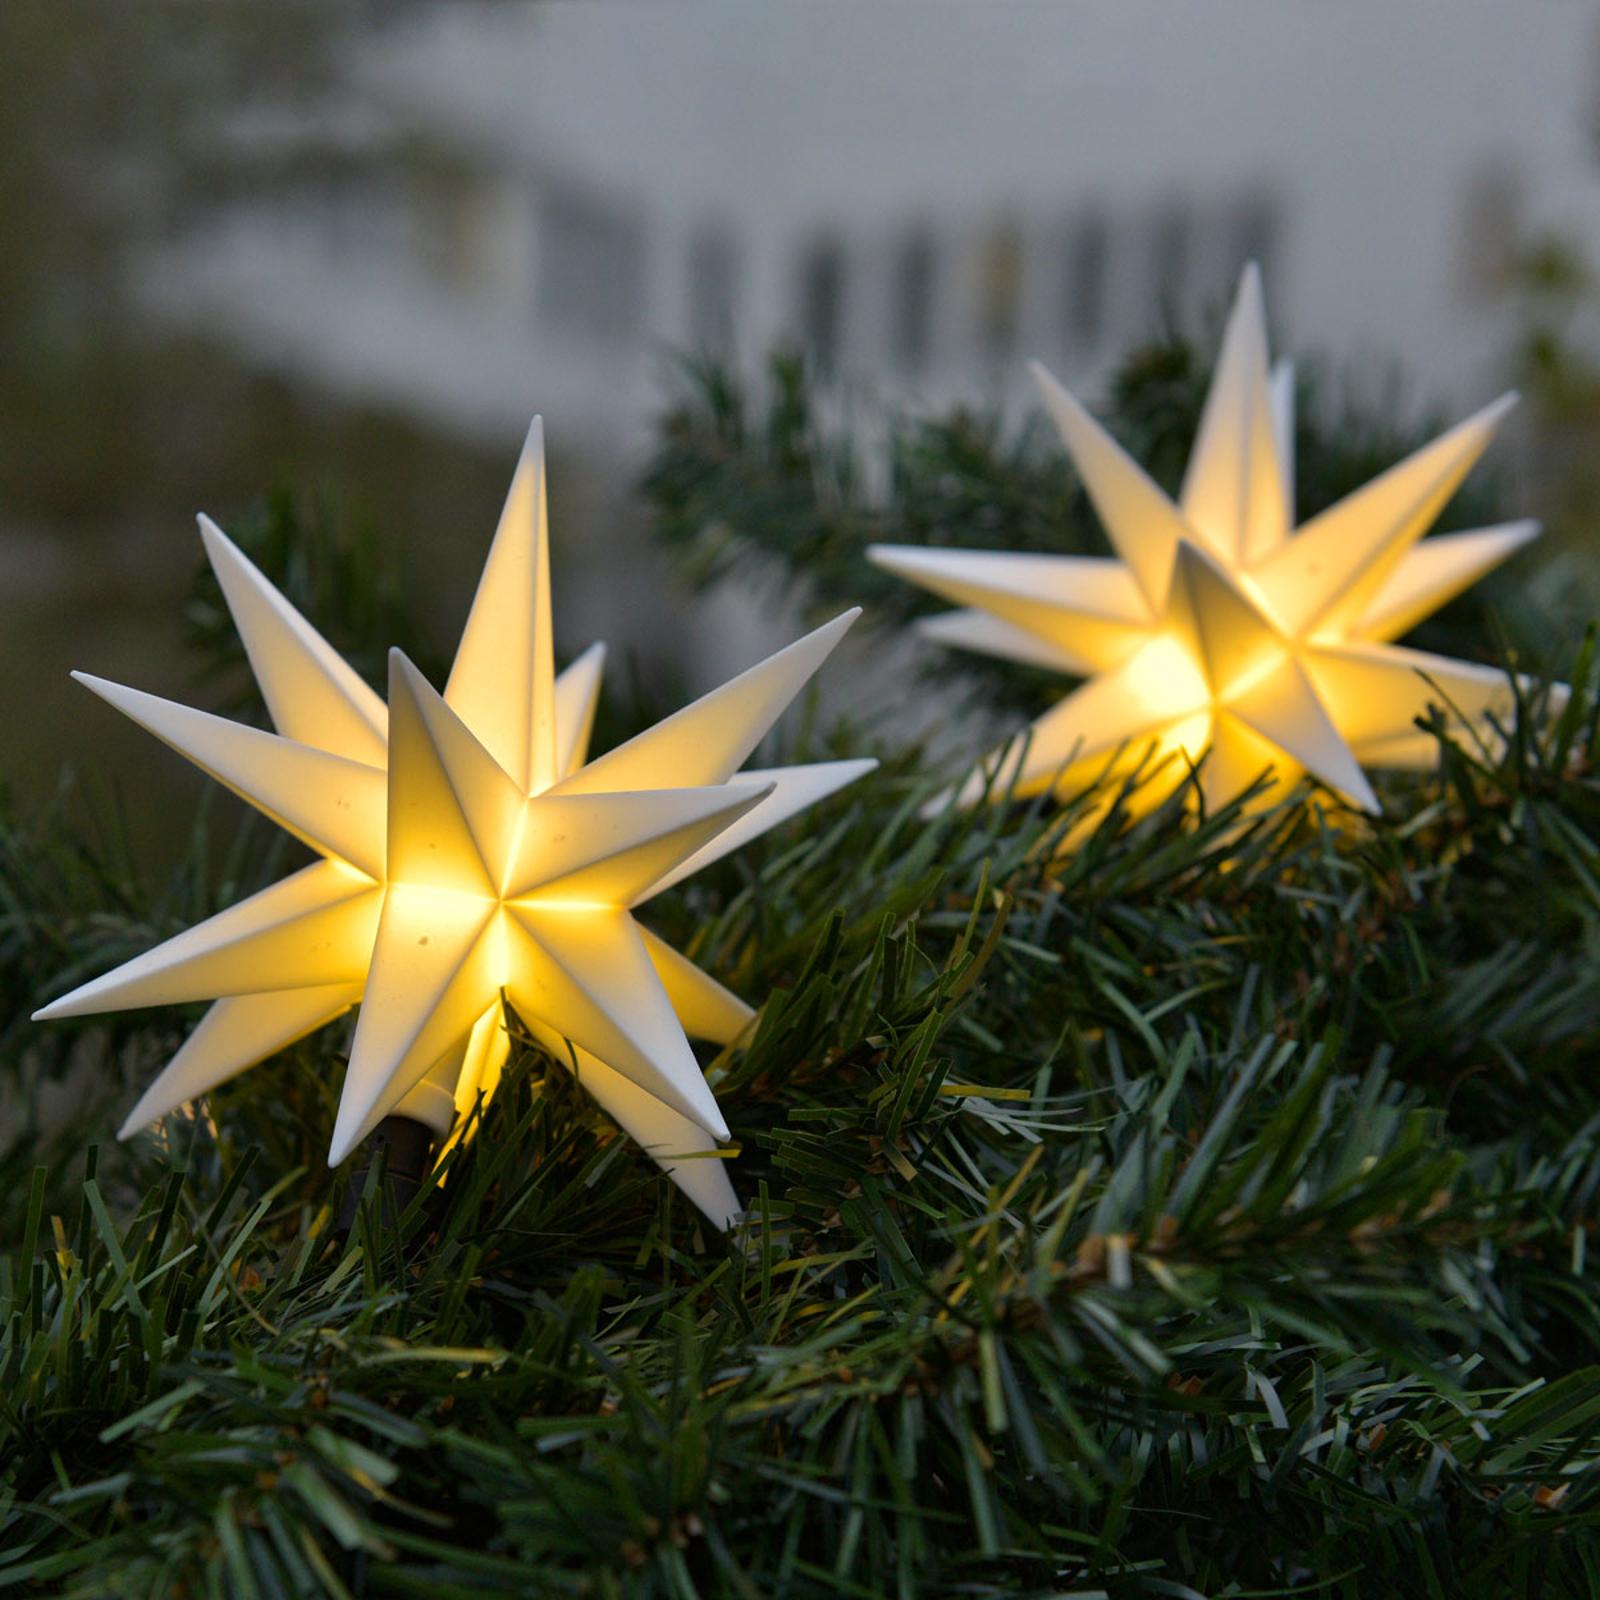 In wit - lichtketting LED met 9 sterren vr buiten